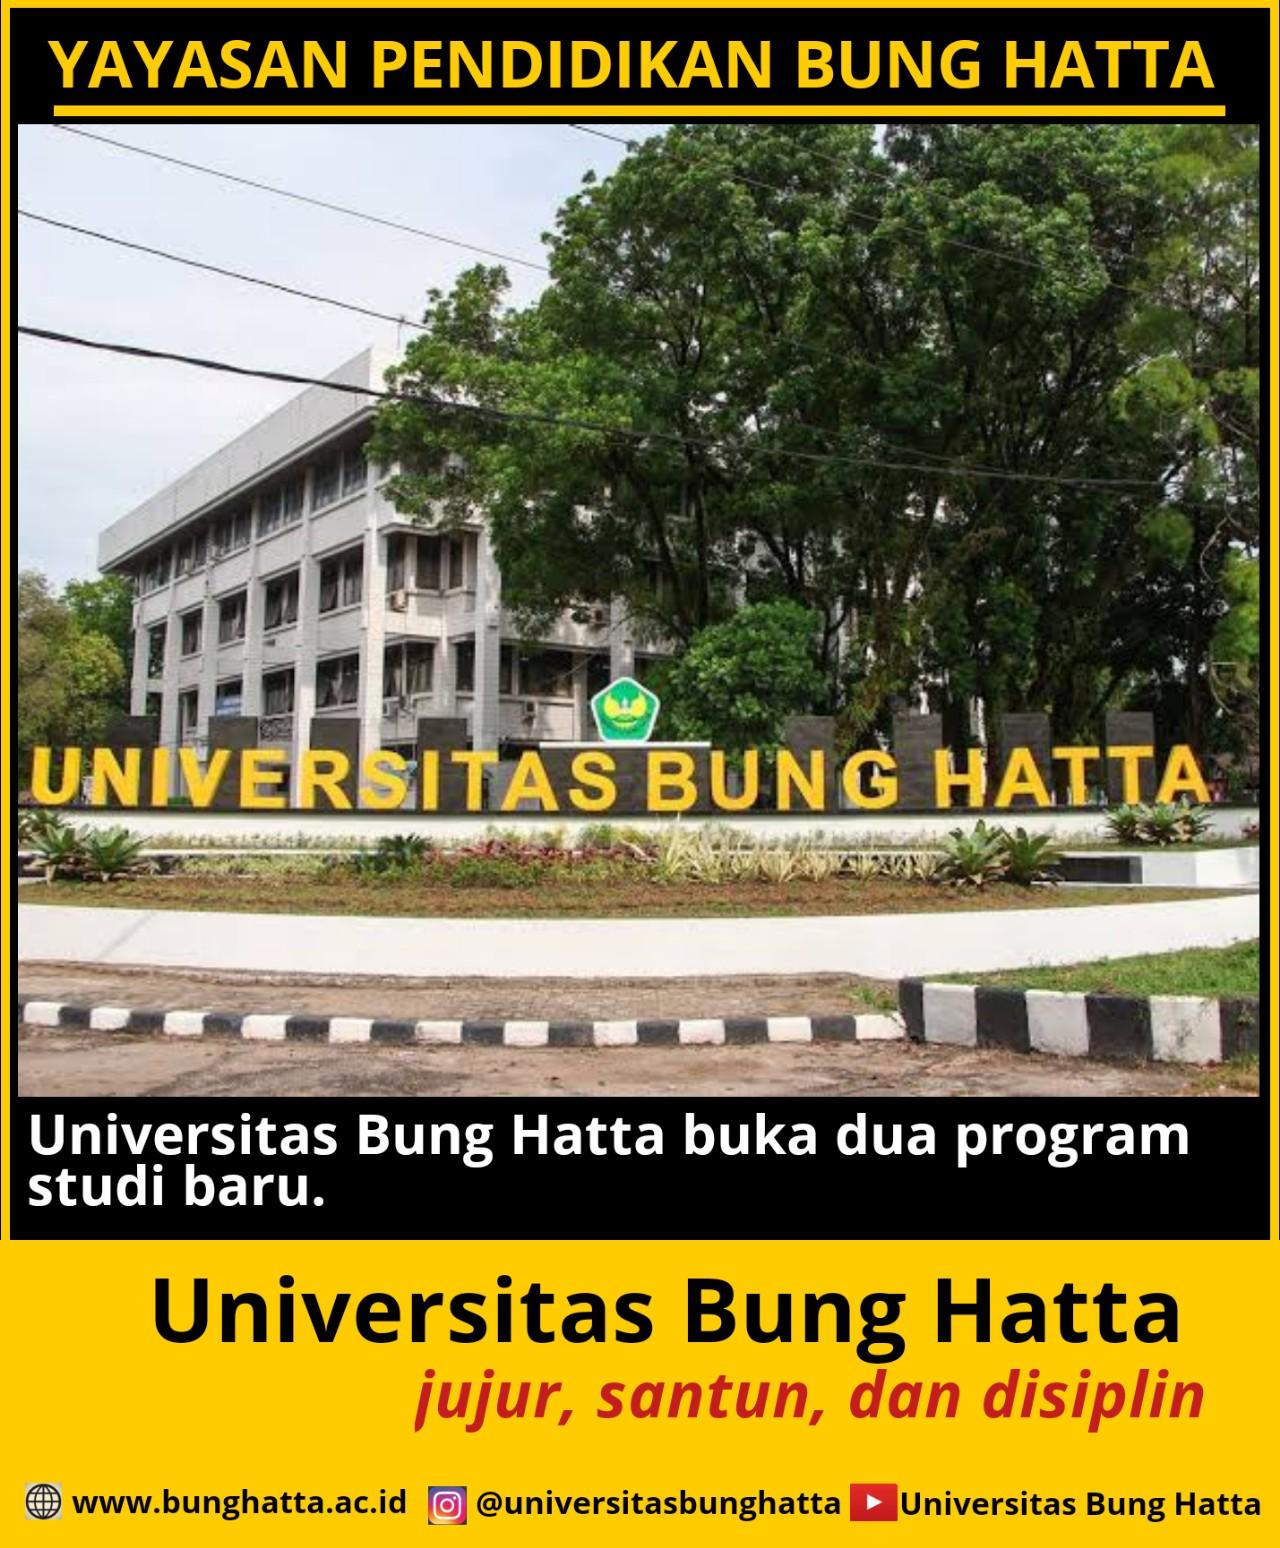 Universitas Bung Hatta Buka Dua Program Studi Baru